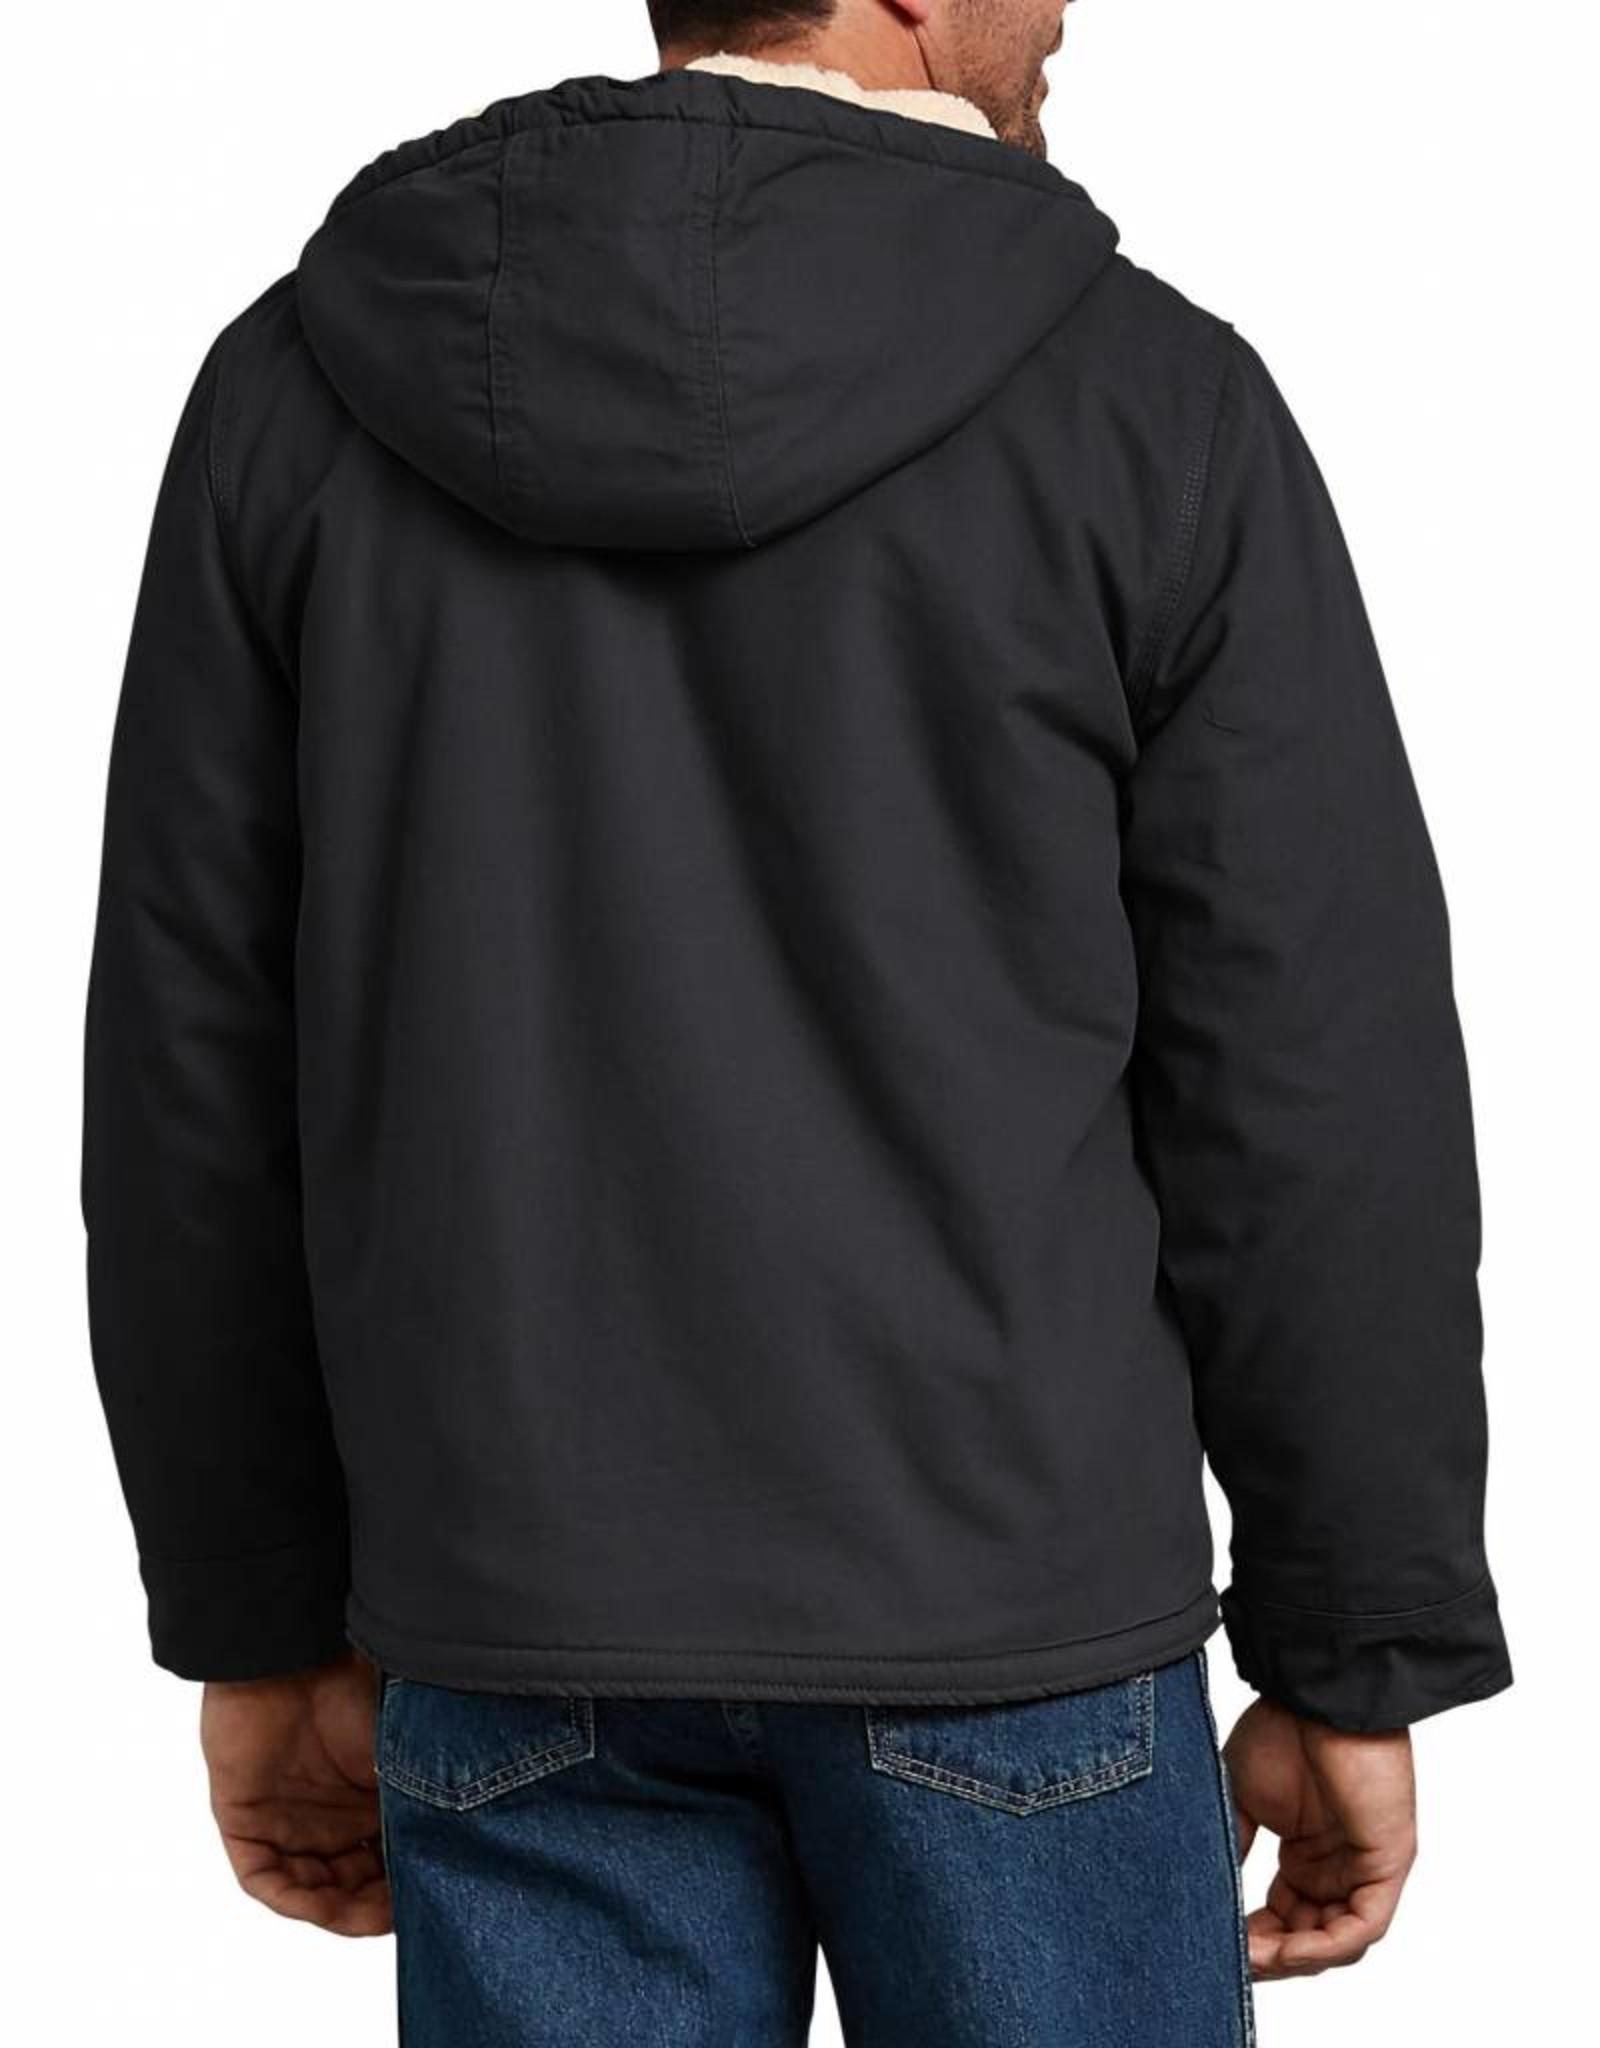 DICKIES Sherpa Lined Hooded Jacket TJ350RBK